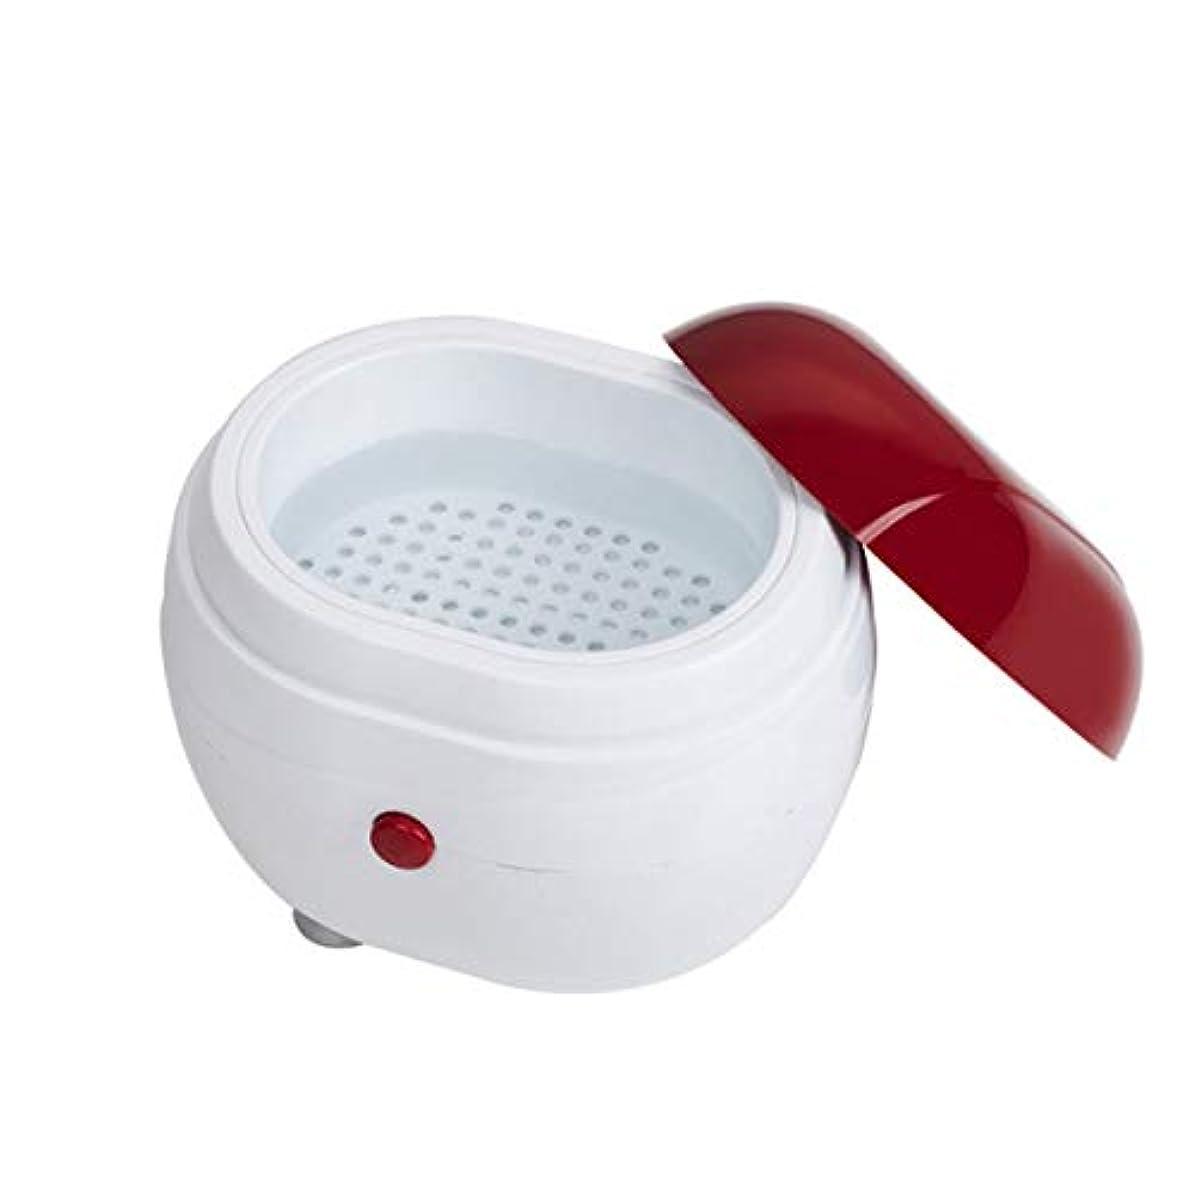 部屋を掃除する保安リーチKongqiabonaポータブルミニ超音波洗濯機ジュエリーレンズ義歯クリーナーボックス